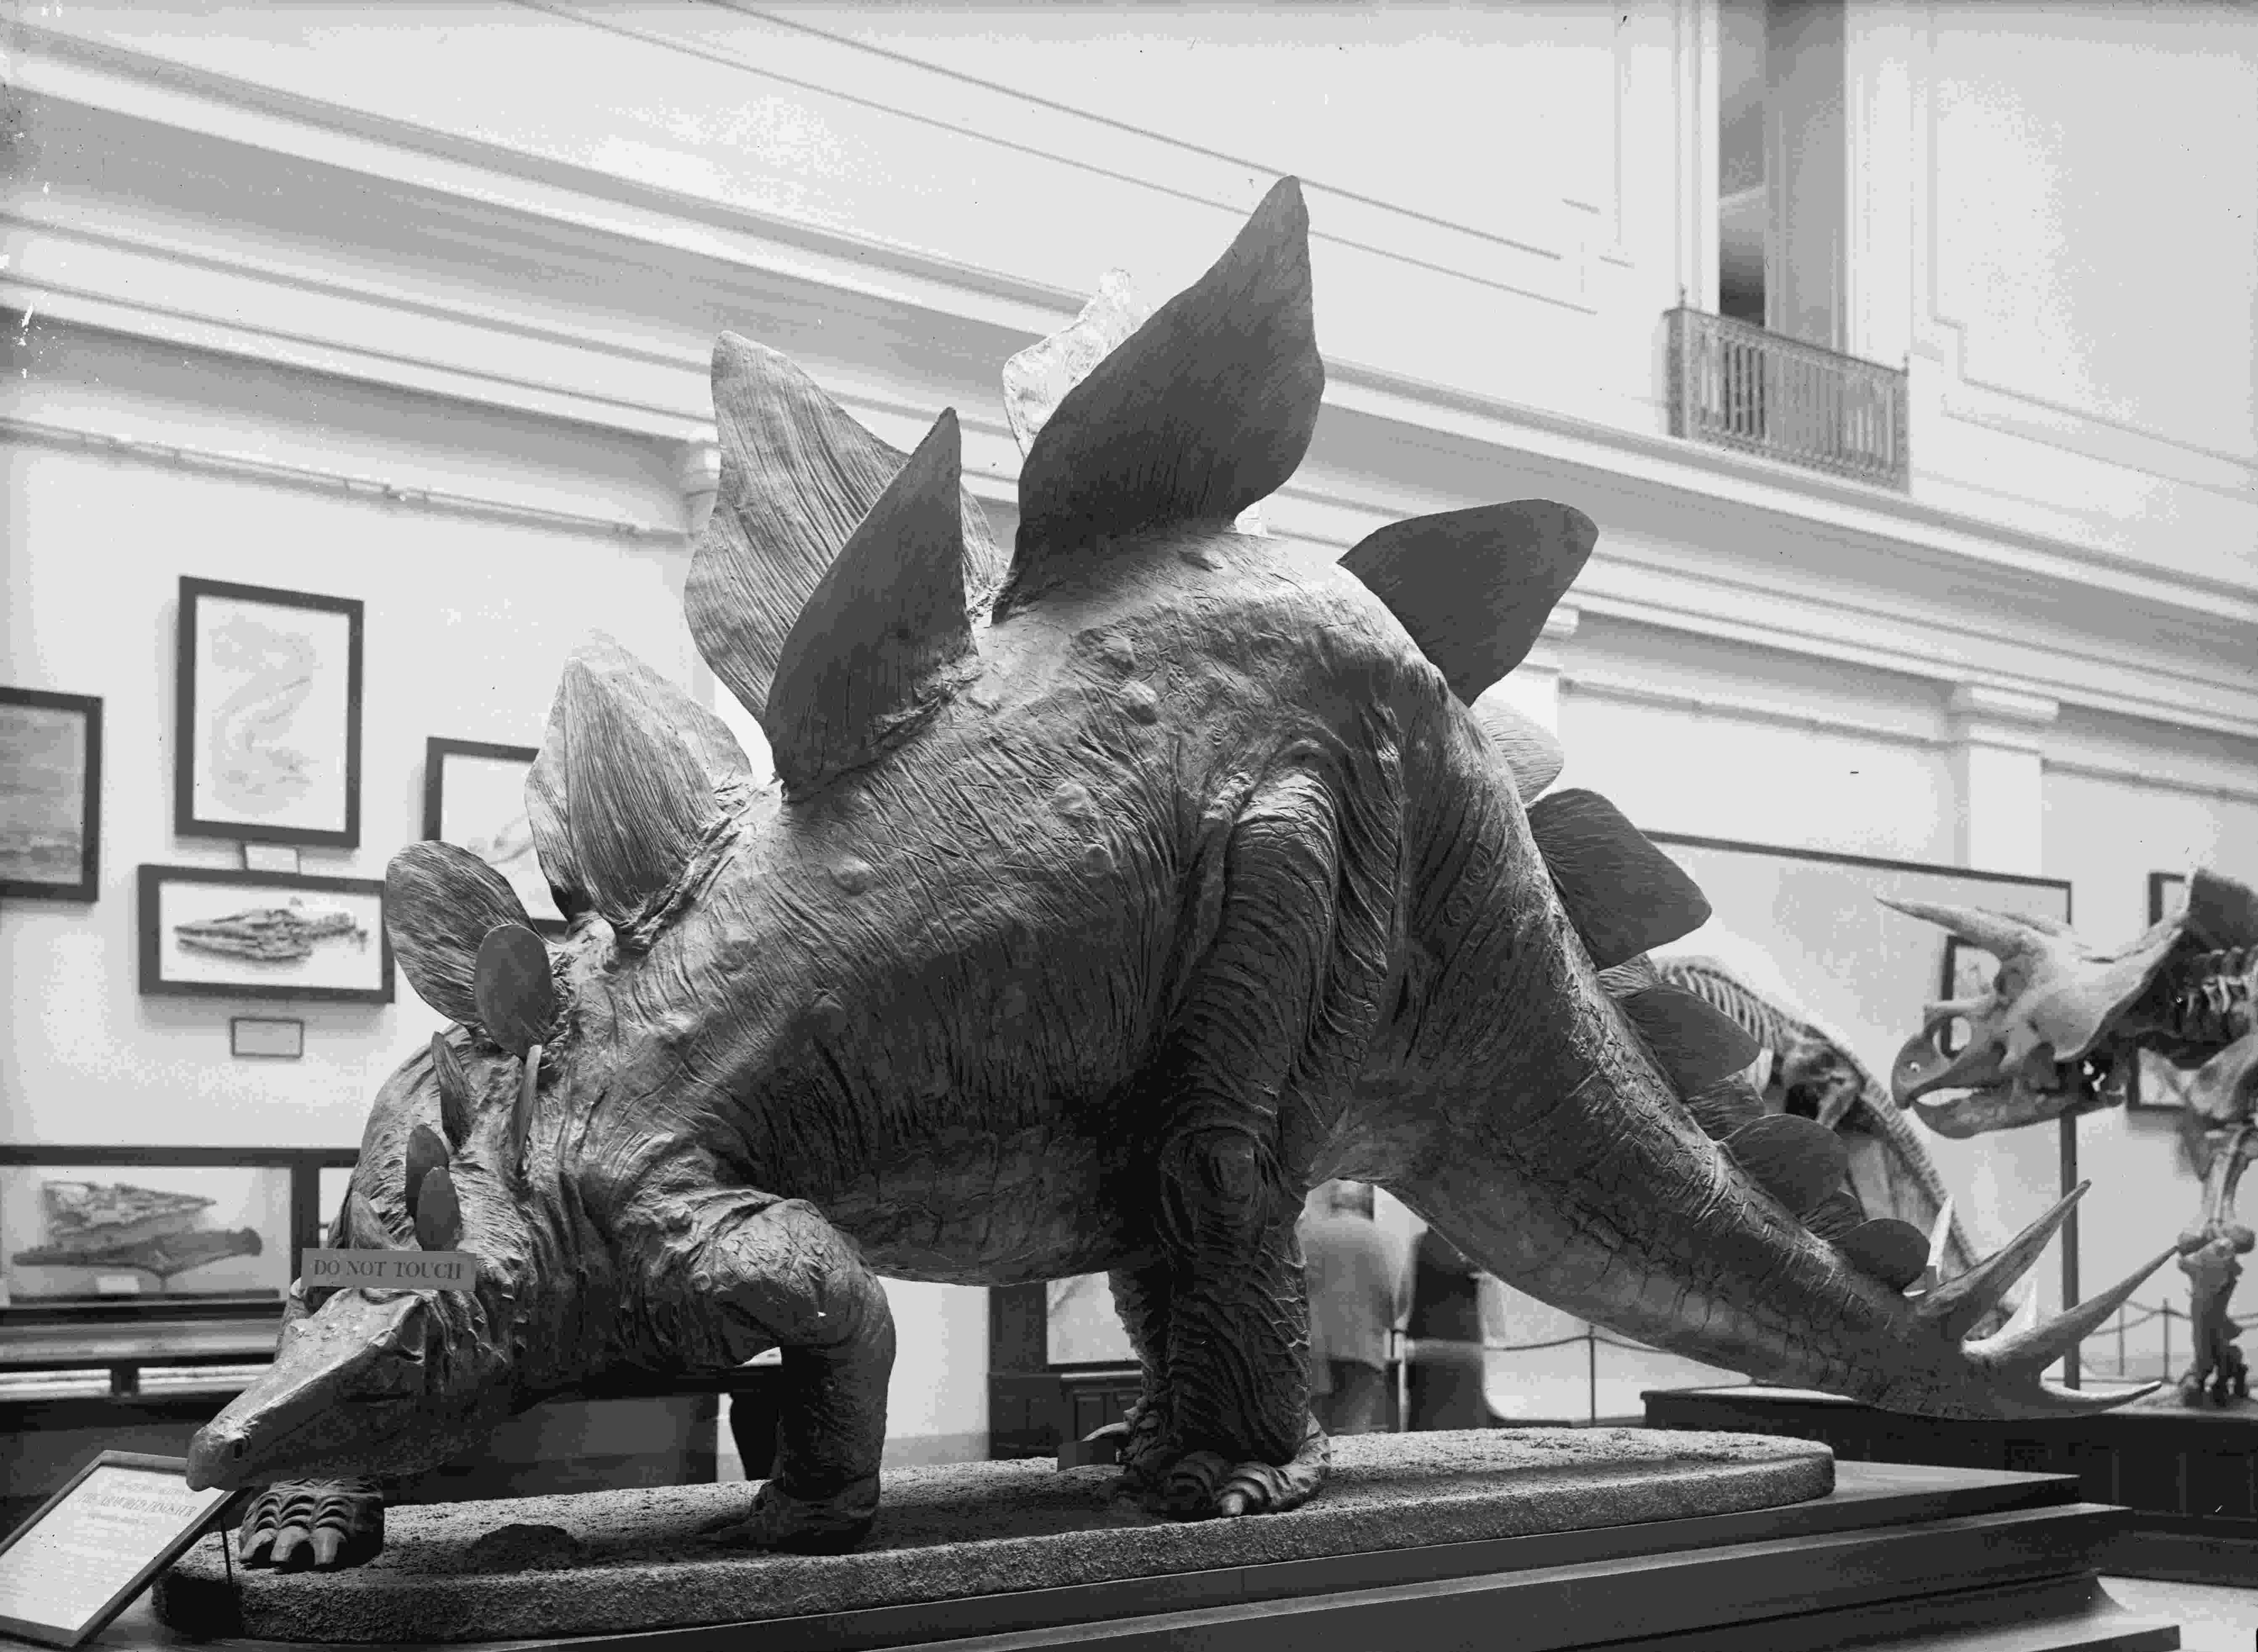 stegosaurus pictures stegosaurus dinosaur genus britannicacom pictures stegosaurus